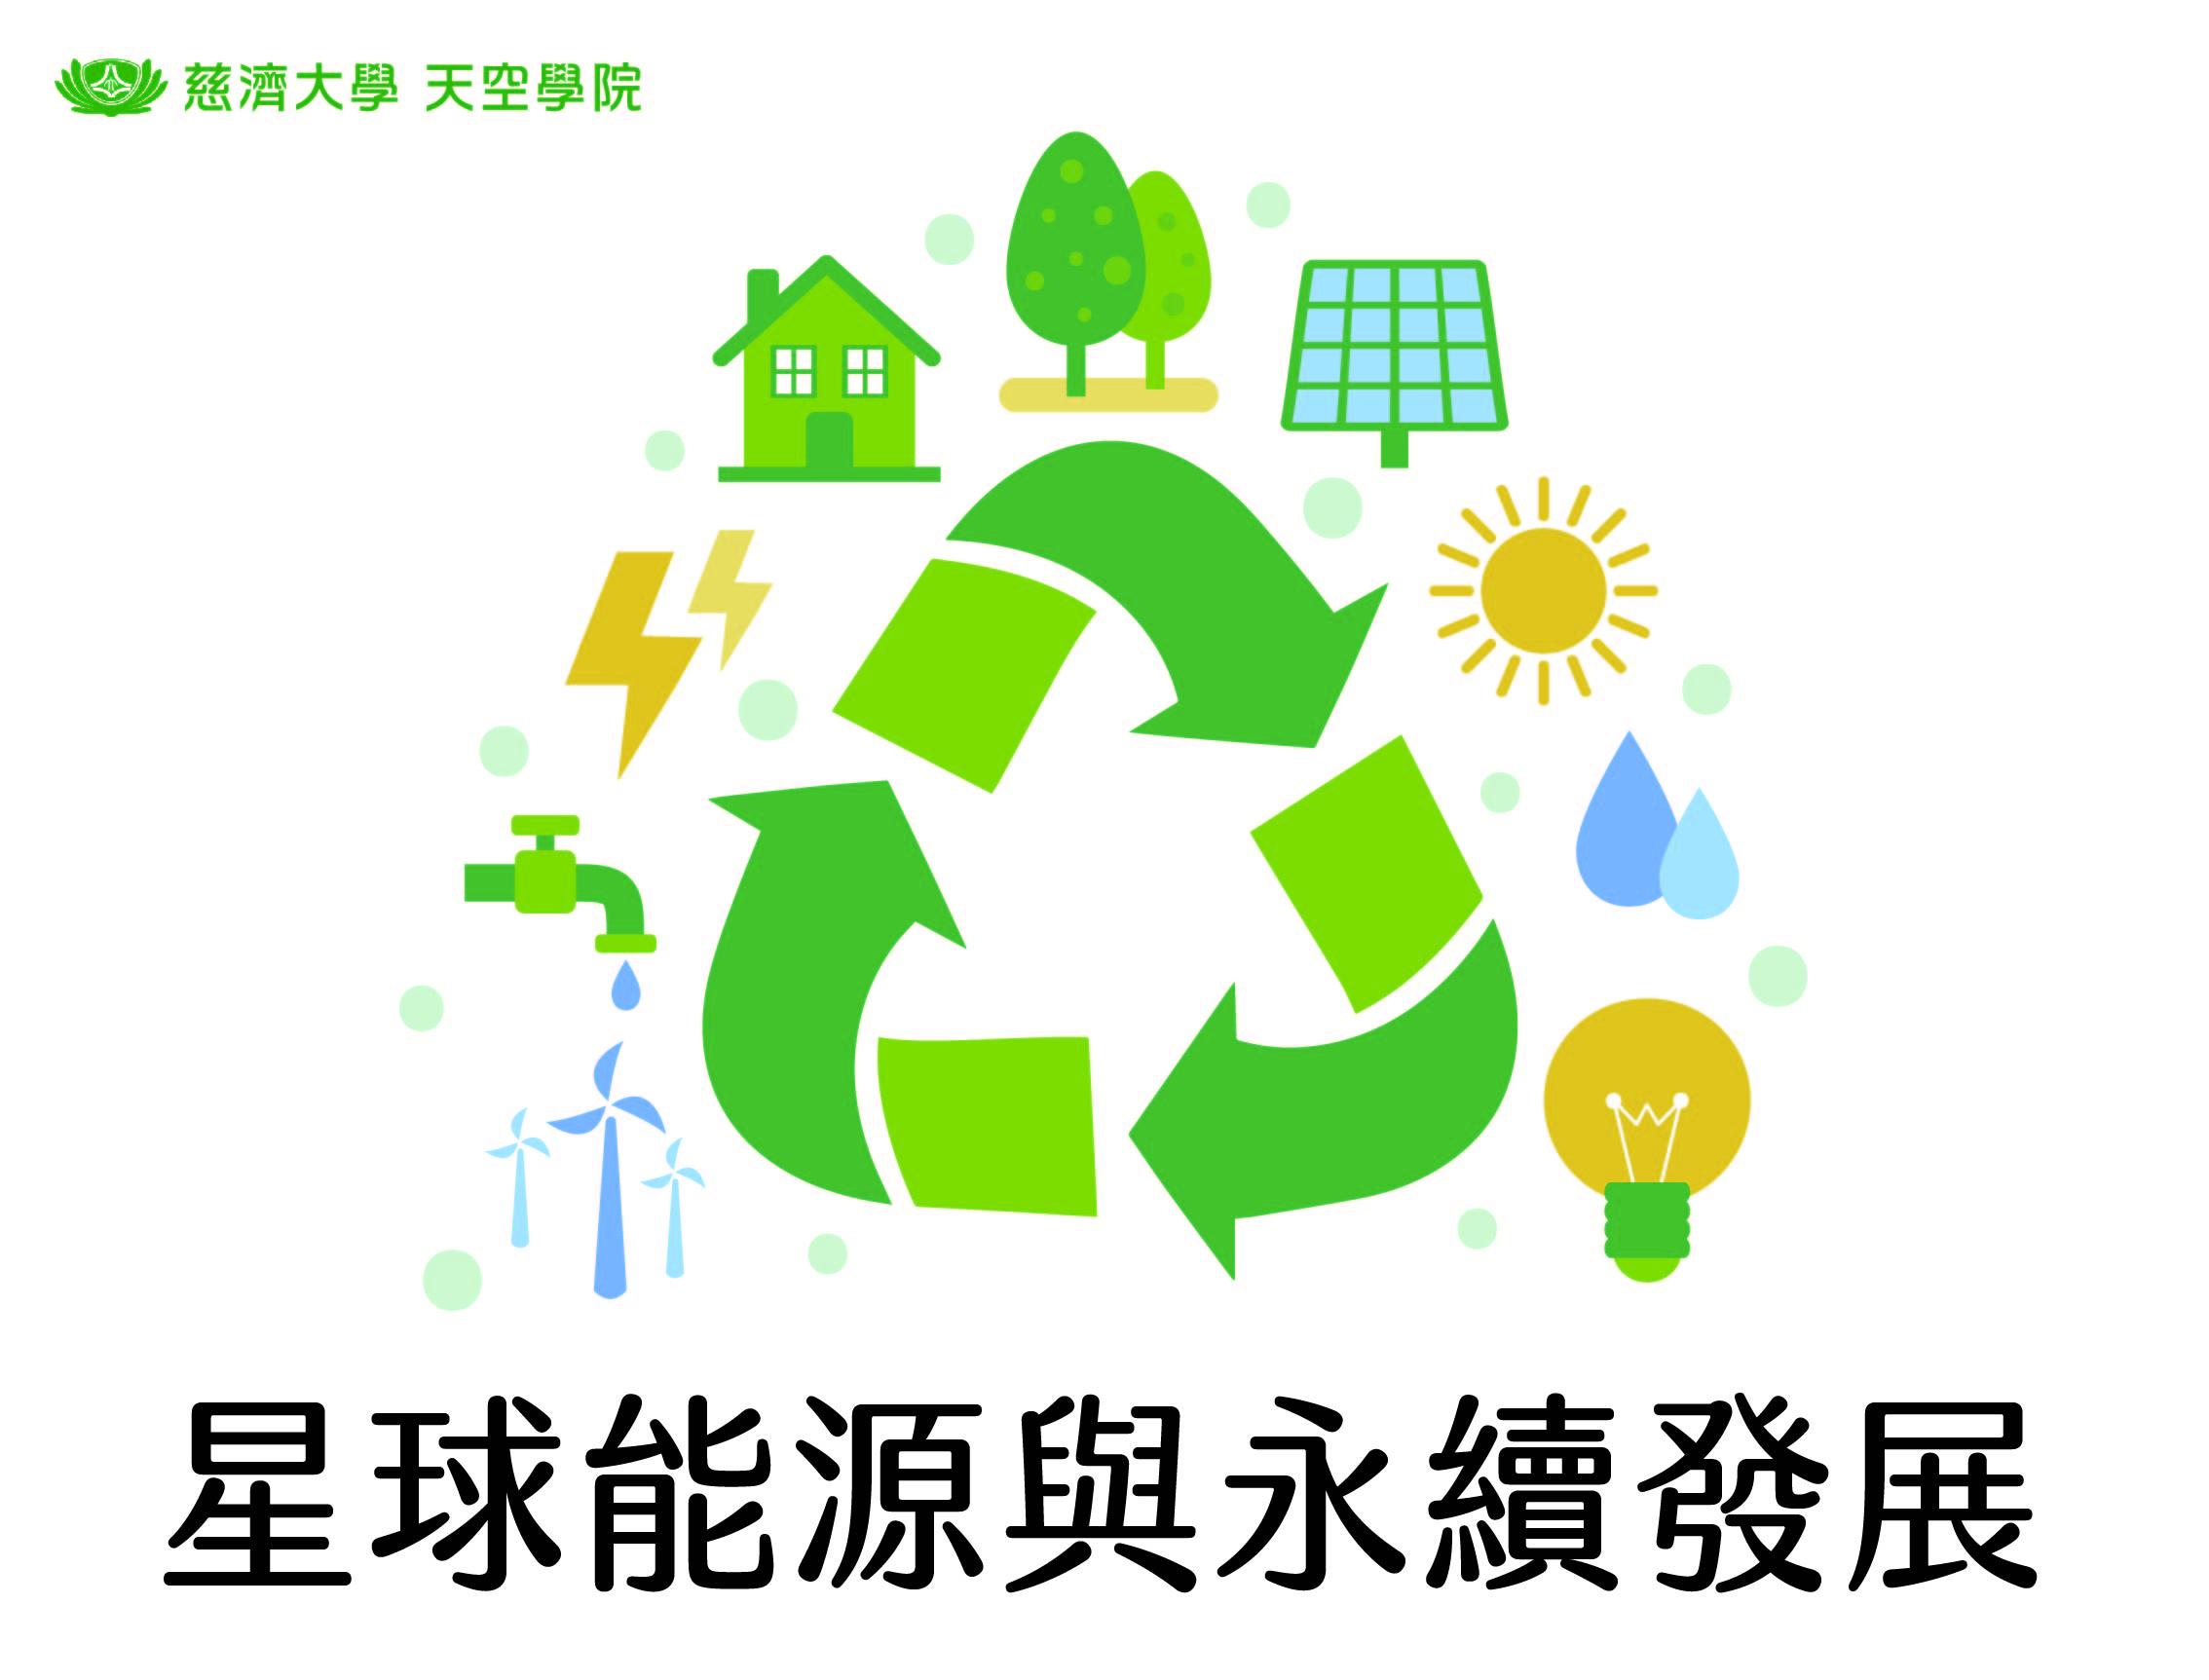 星球能源與永續發展icon